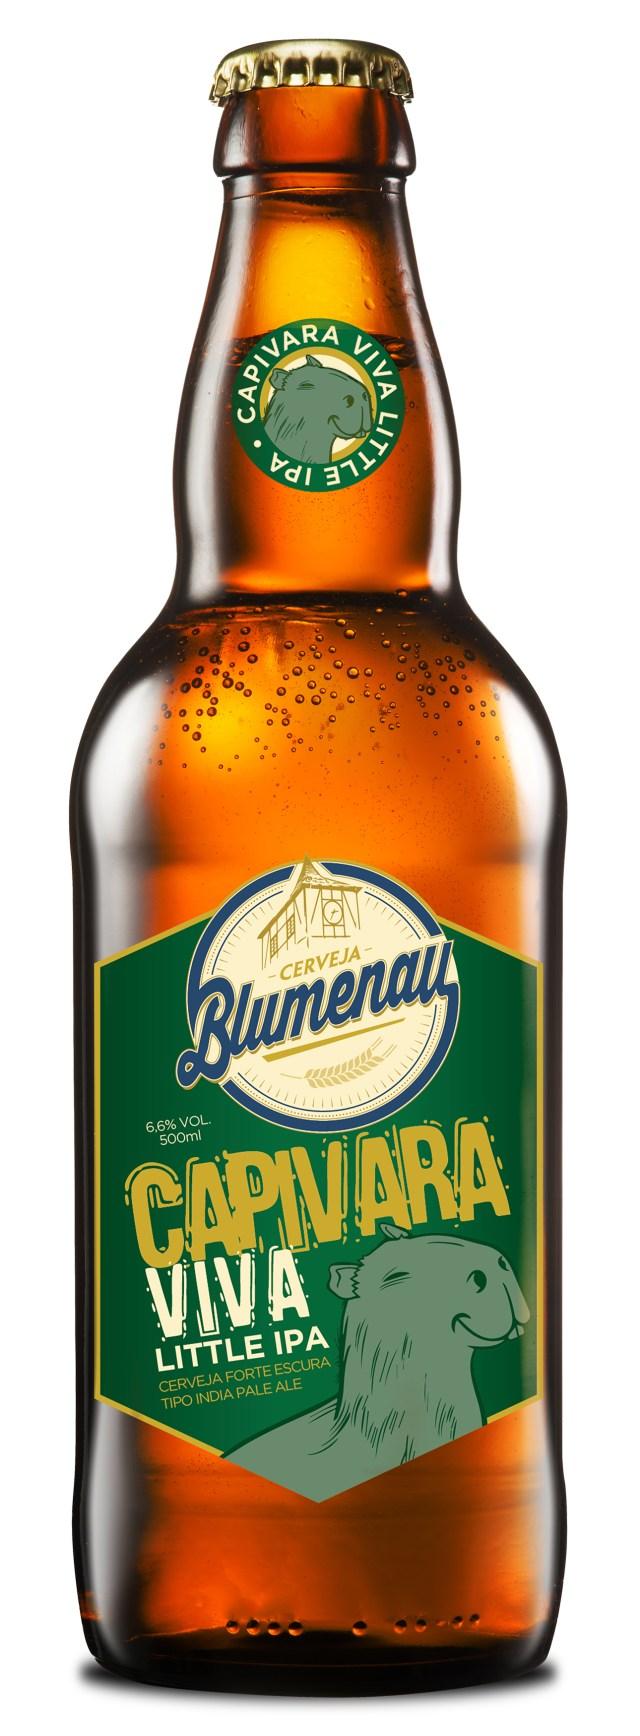 Capivara Viva Little IPA já está à venda. Imagem: Reprodução